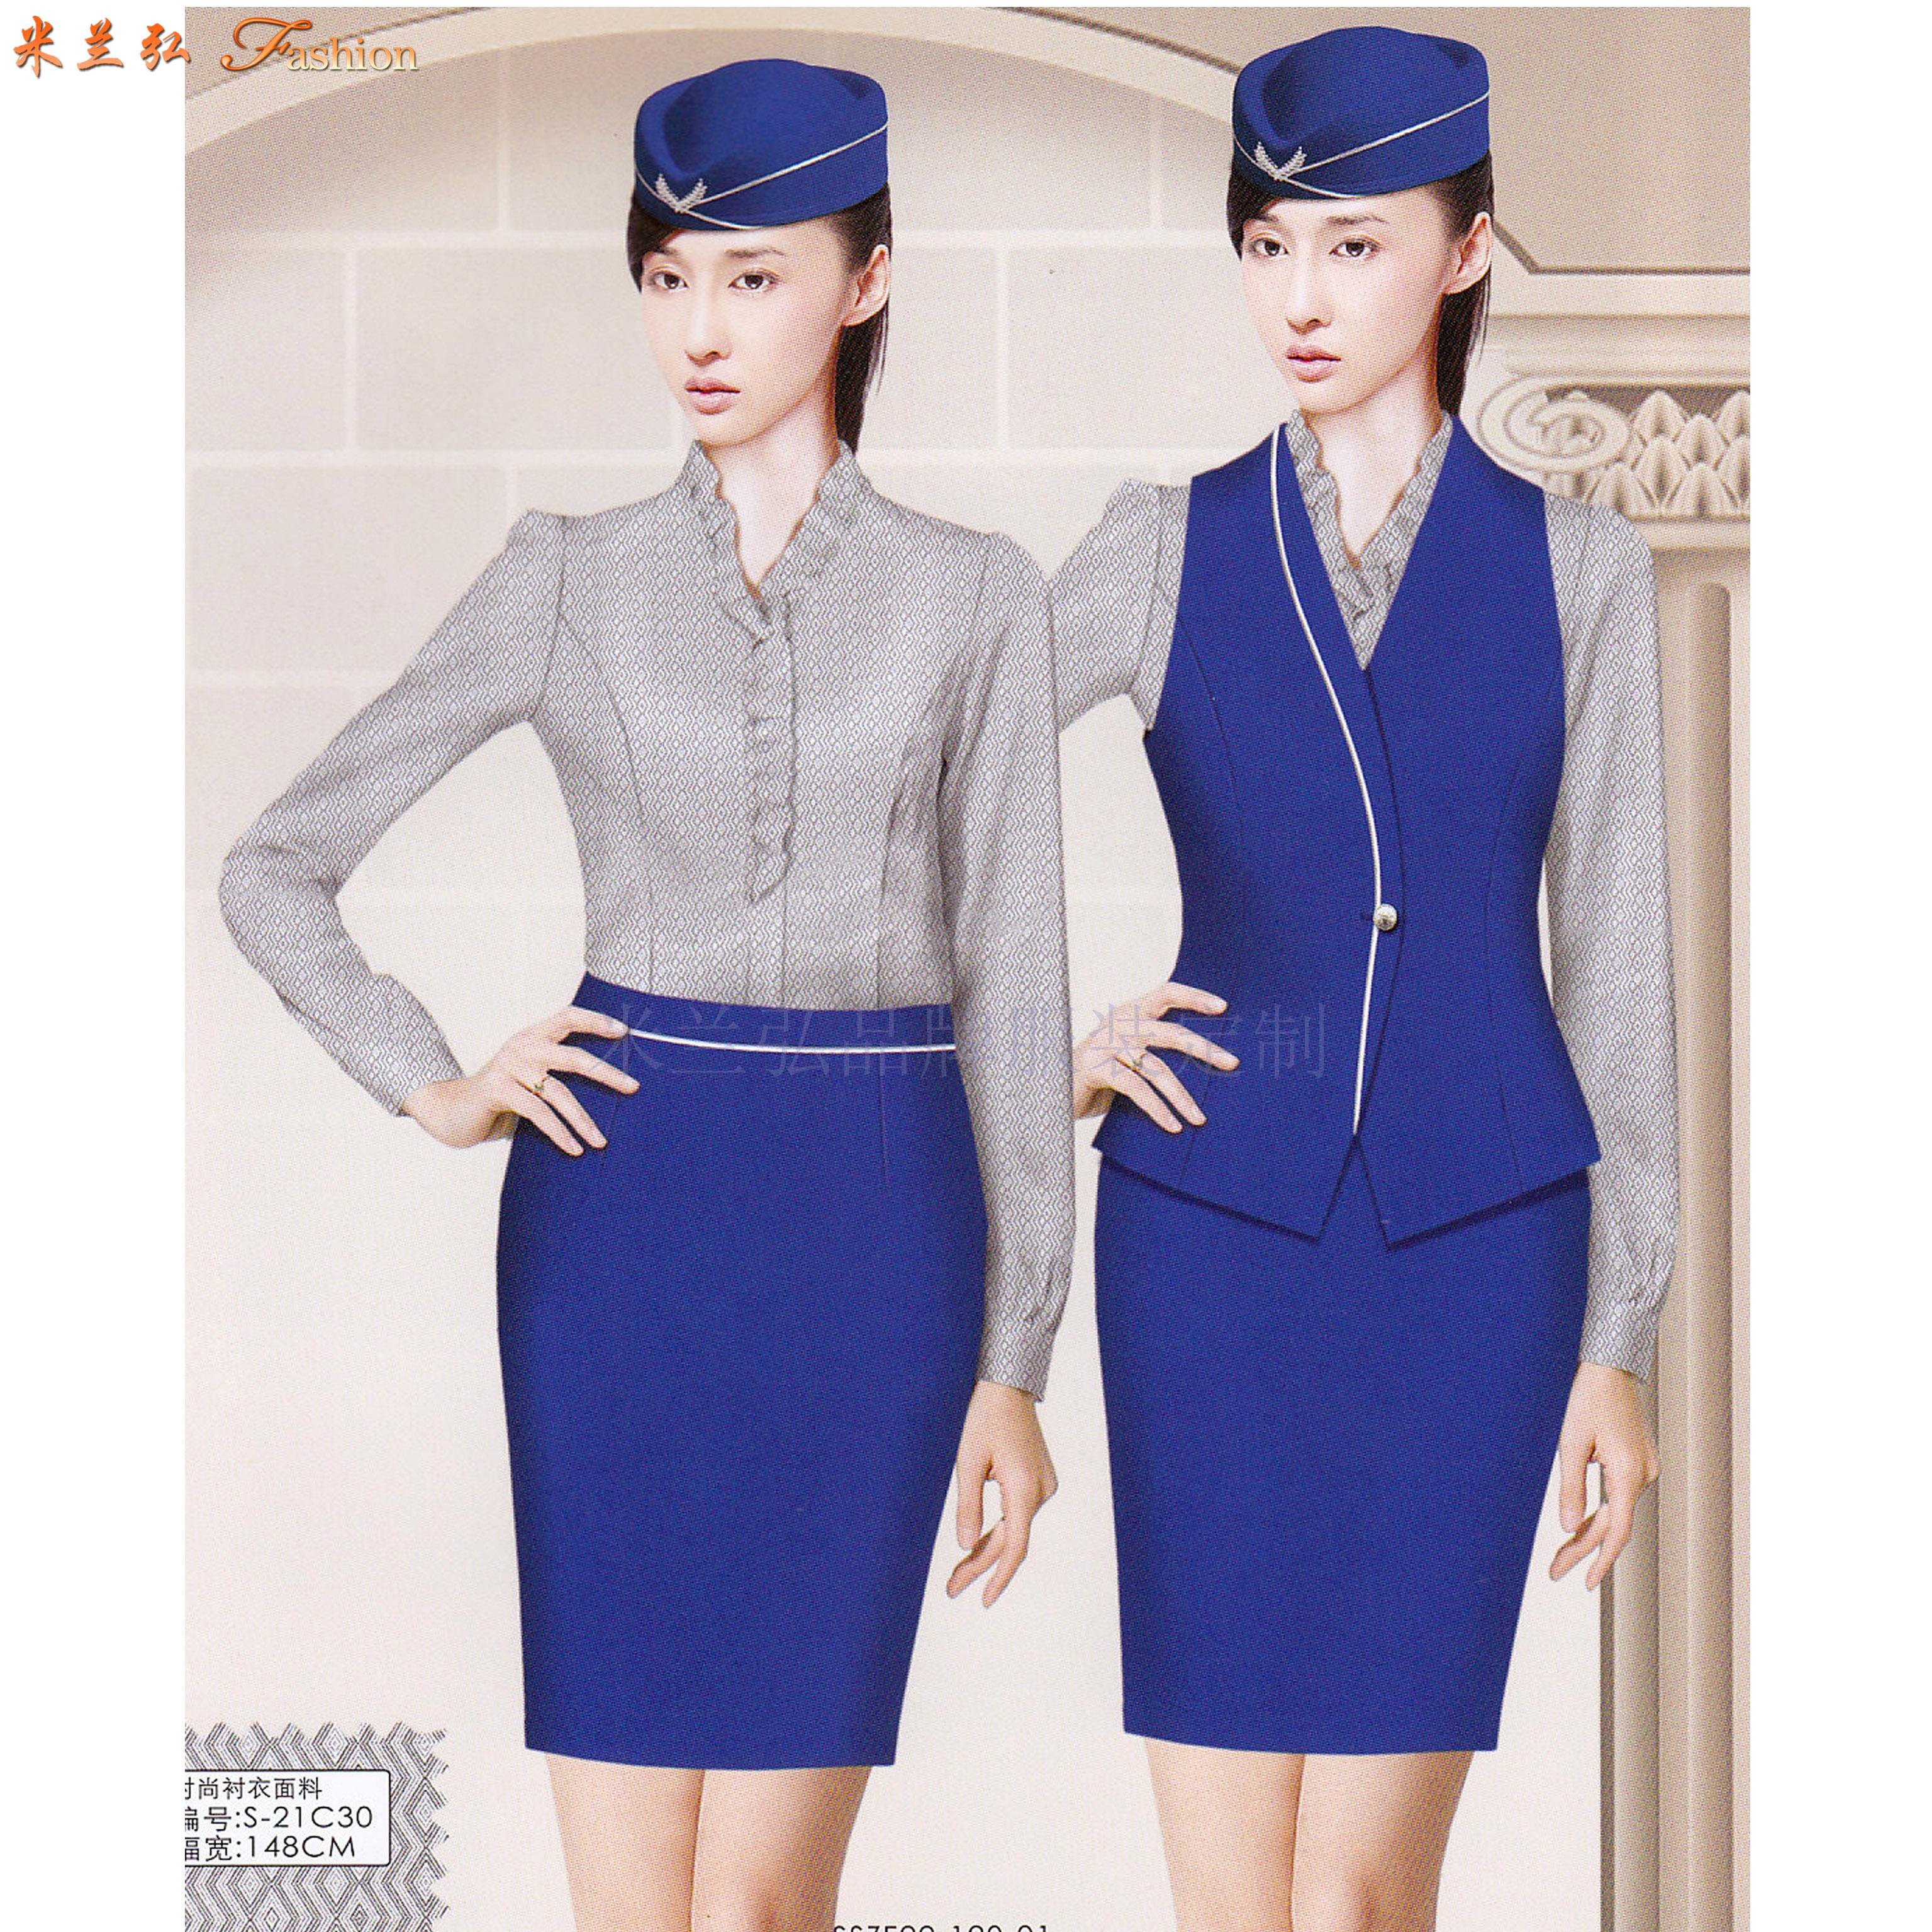 「德州空姐服定製」「德州空乘服訂做」推薦式樣時髦永利注册网站服裝-2